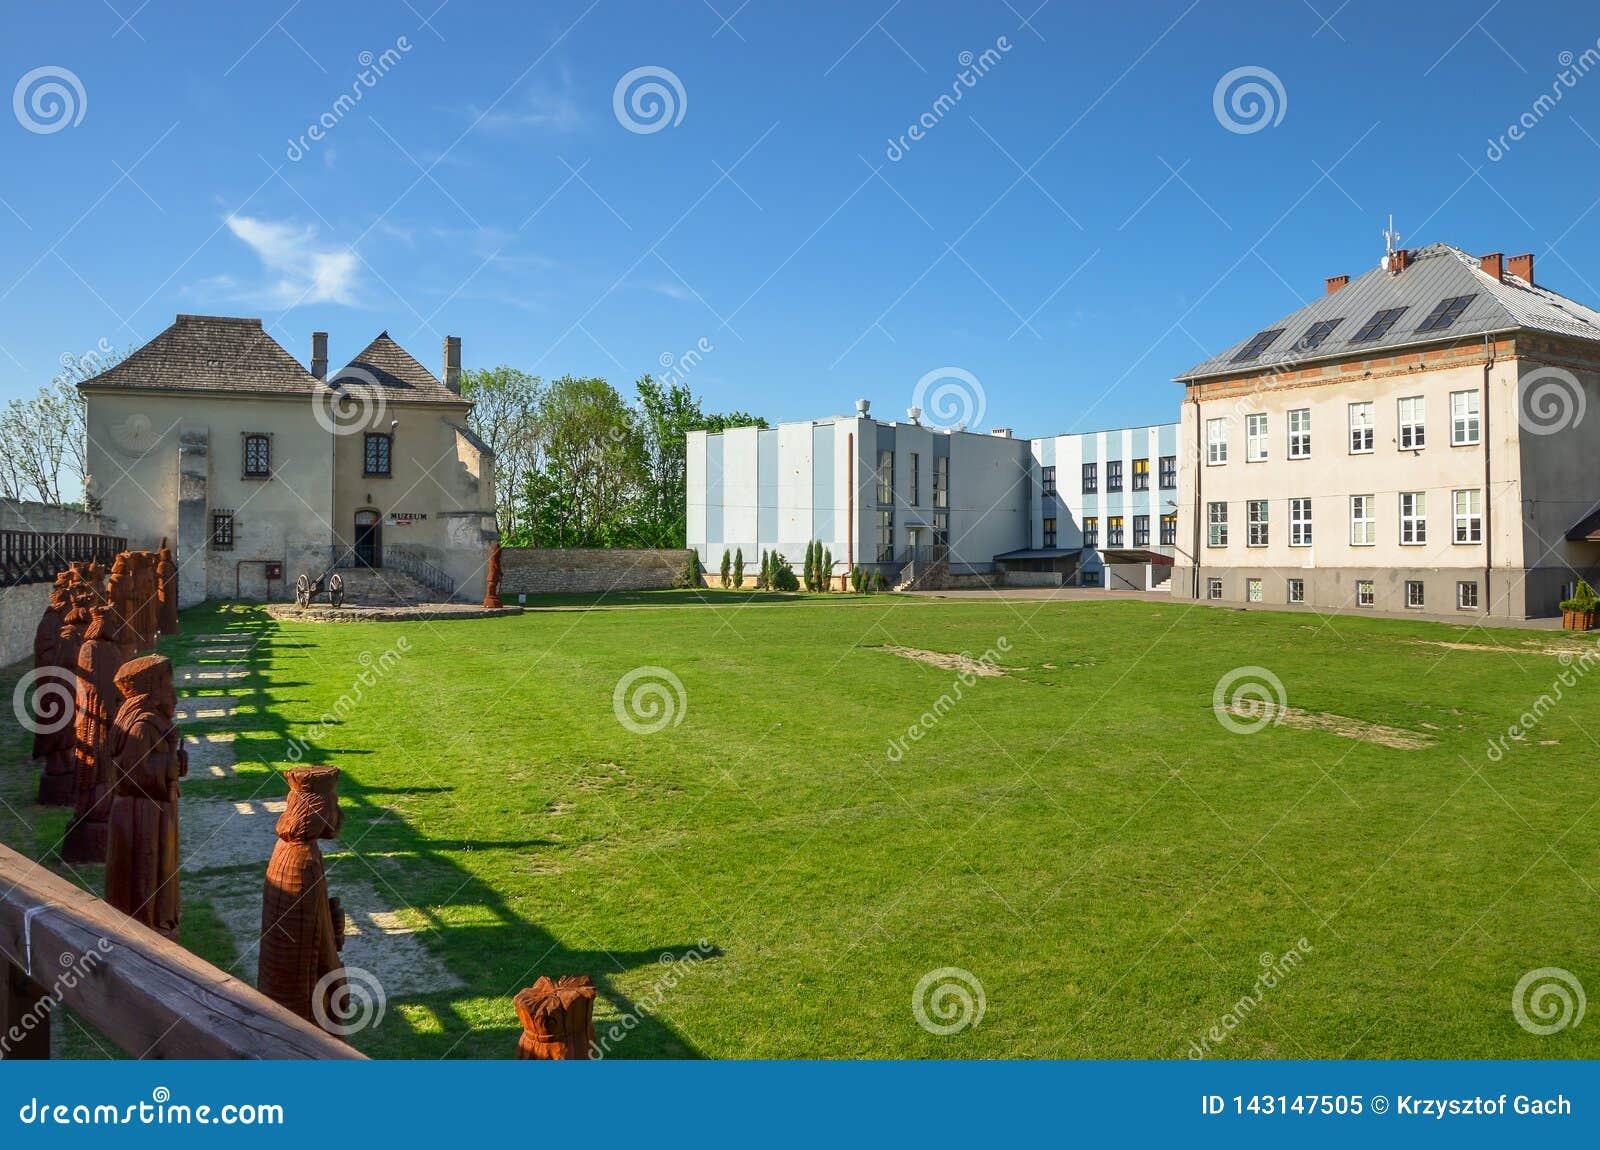 De Schatkamer Skarbczyk en een school, naast de bouw van het koninklijke kasteel, Szydlow, Polen